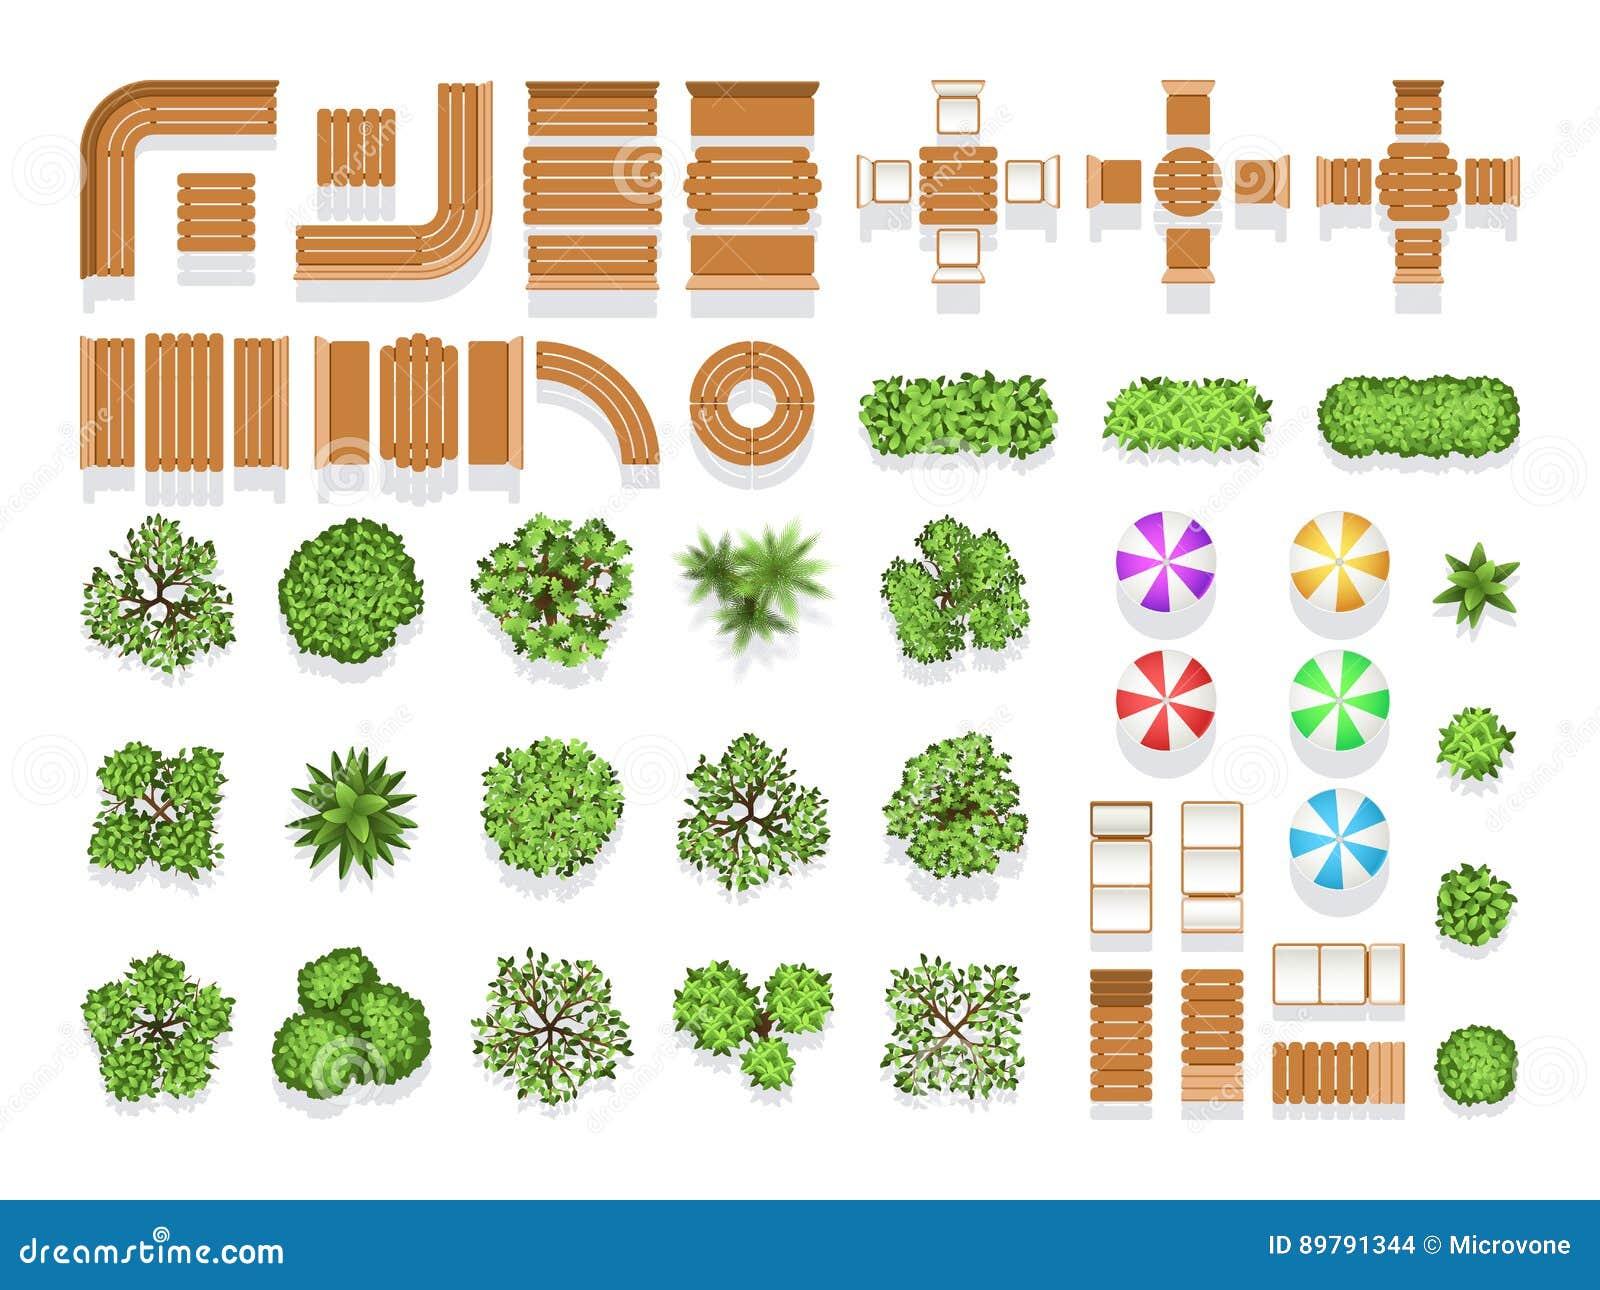 Símbolos do vetor do plano do parque da cidade da arquitetura ajardinando de vista superior, bancos de madeira e árvores